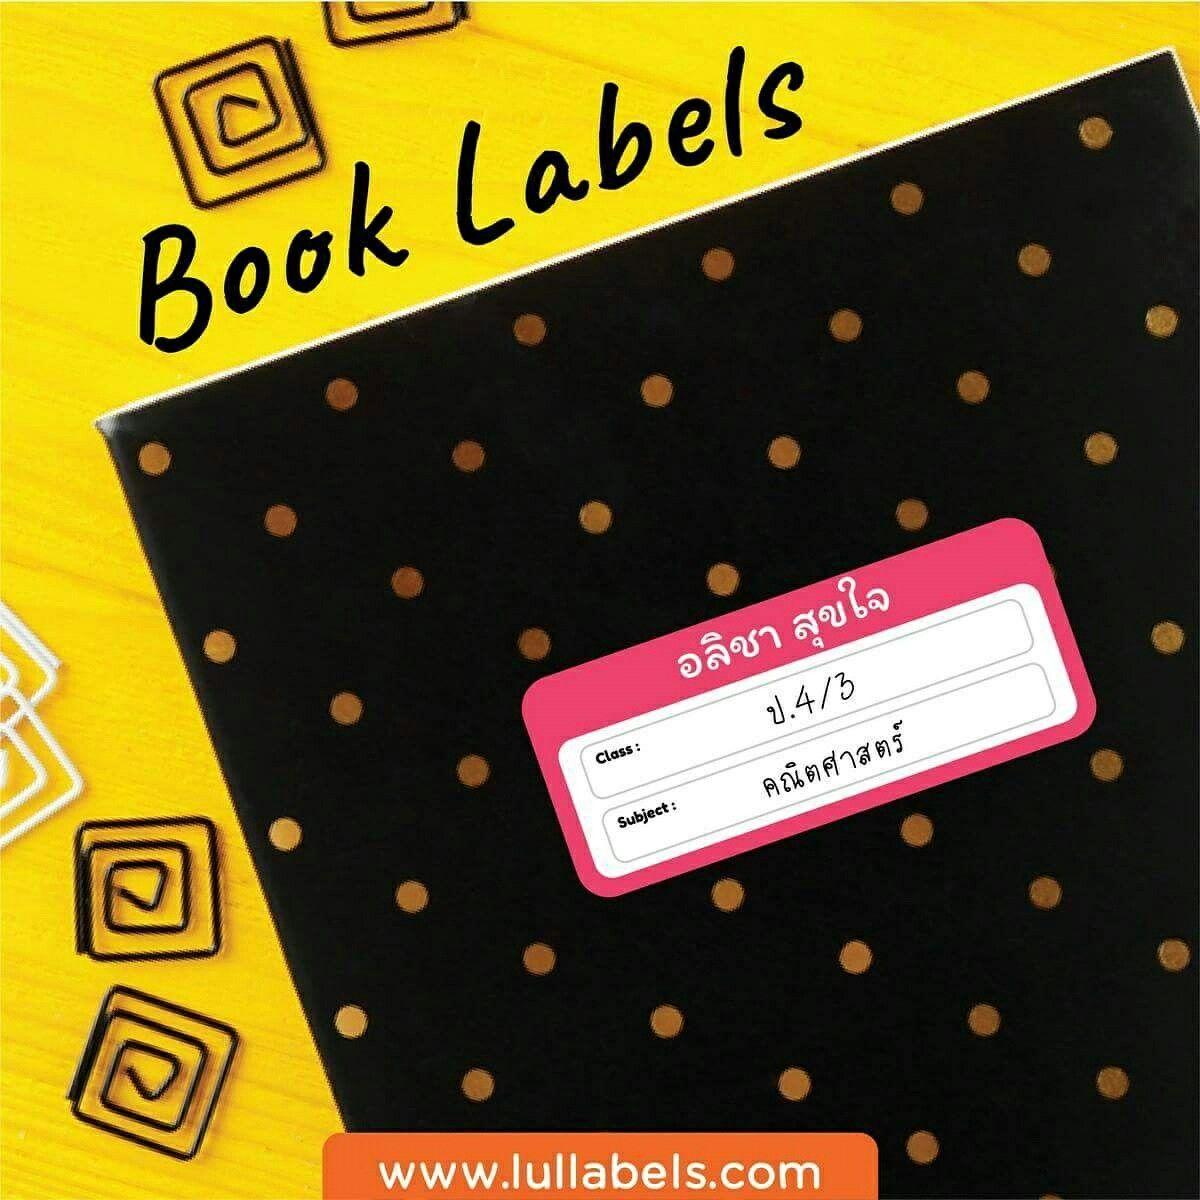 สติ๊กเกอร์ป้ายชื่อติดหนังสือ (Book labels ) คุณสมบัติติด